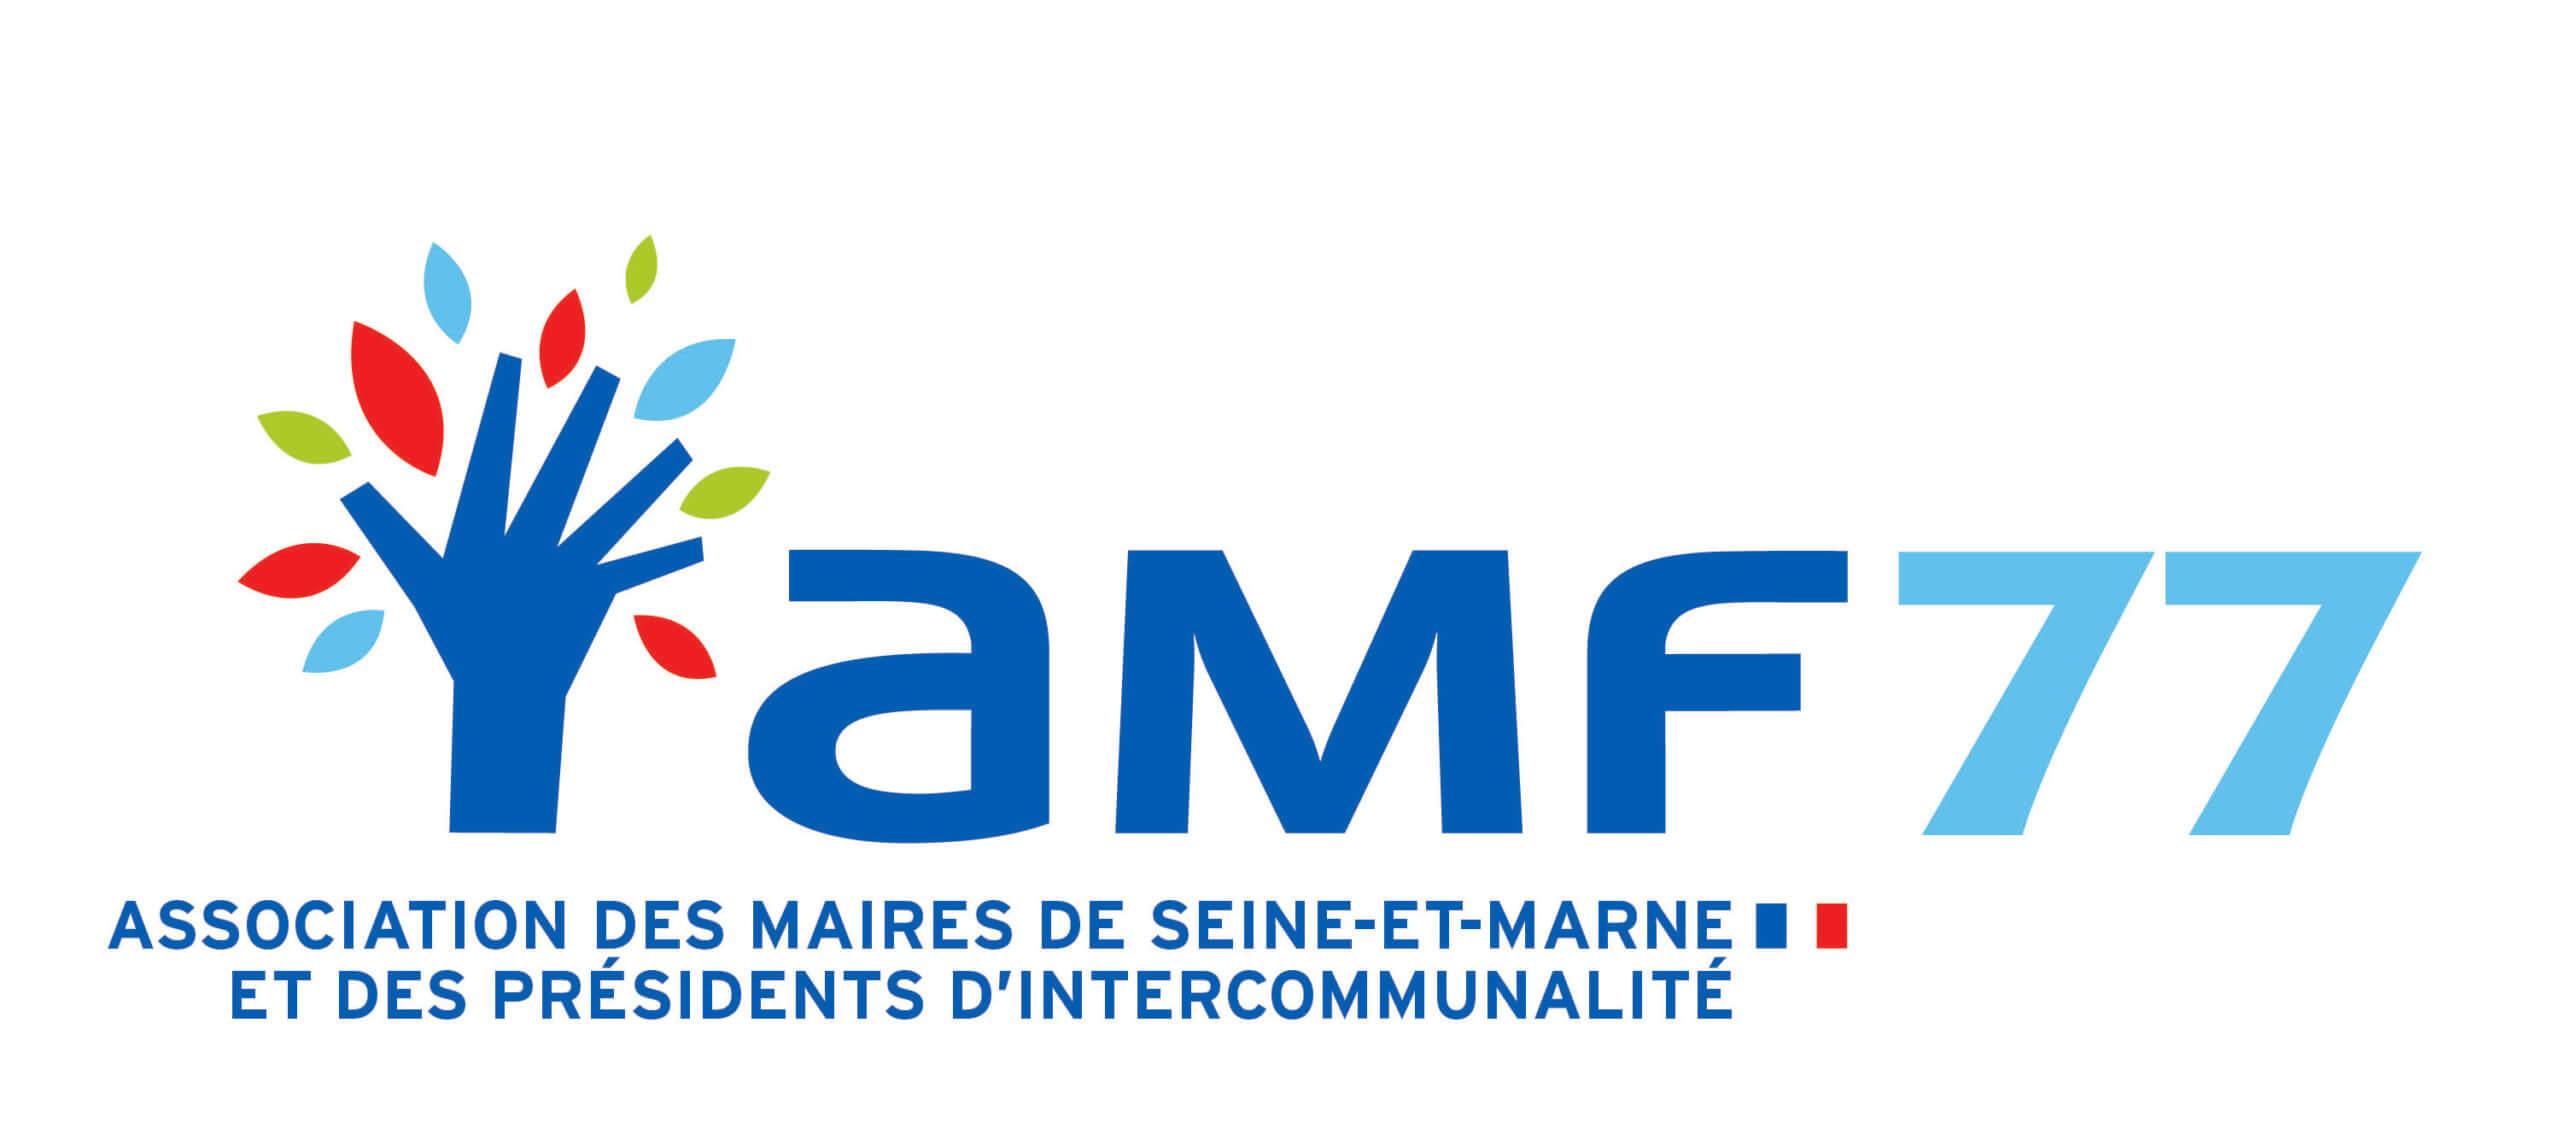 Logo de l'Association des maires de Seine et Marne et des présidents d'intercommunalité. soutiens de Combo77